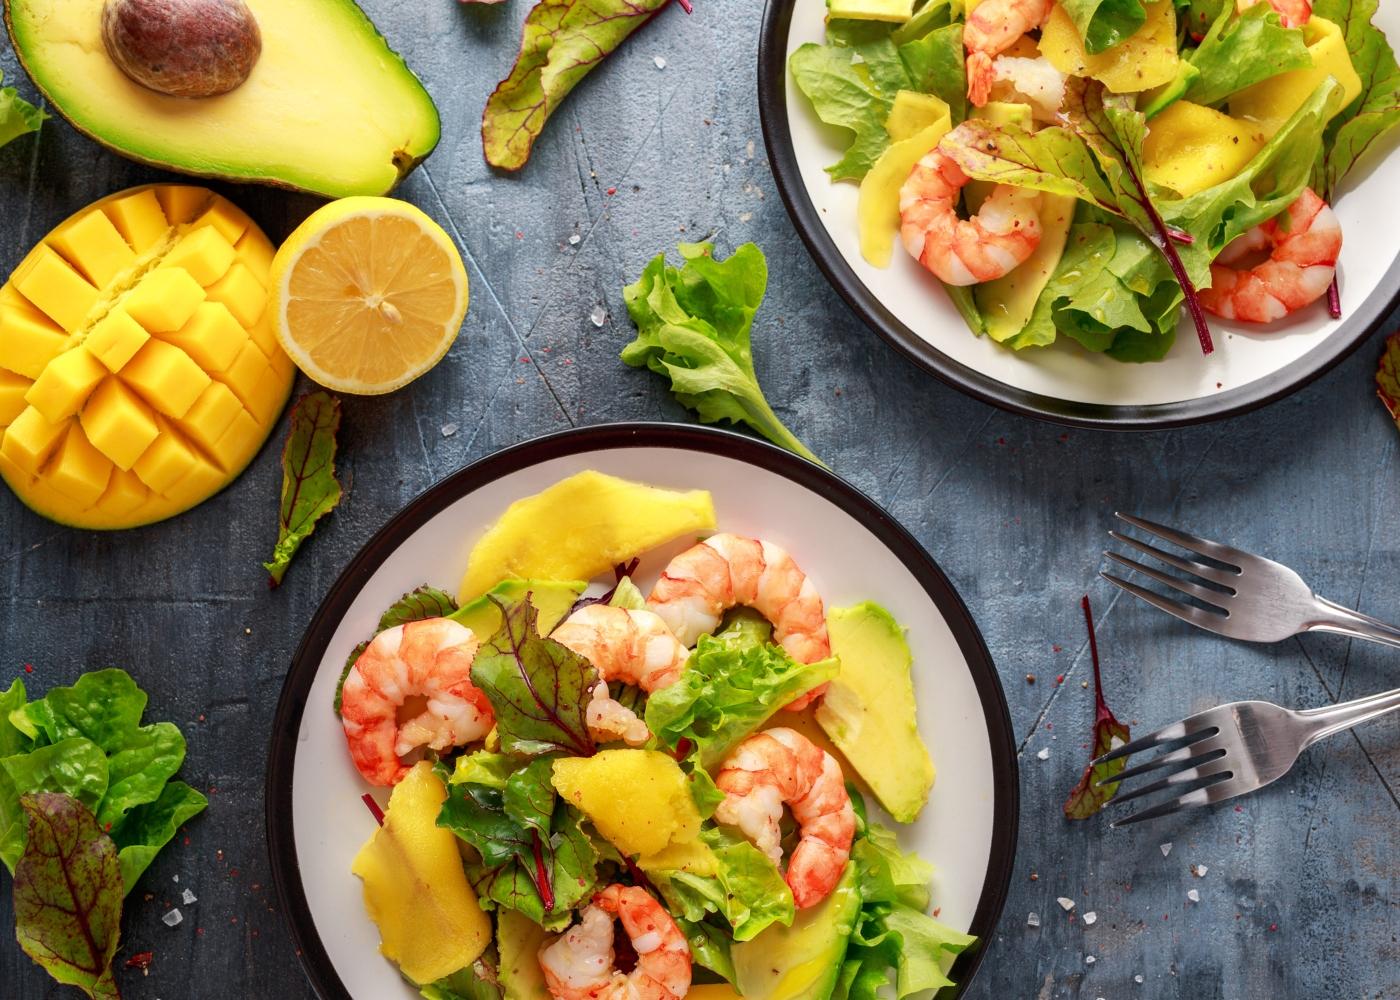 dois pratos de salada com camarão e manga